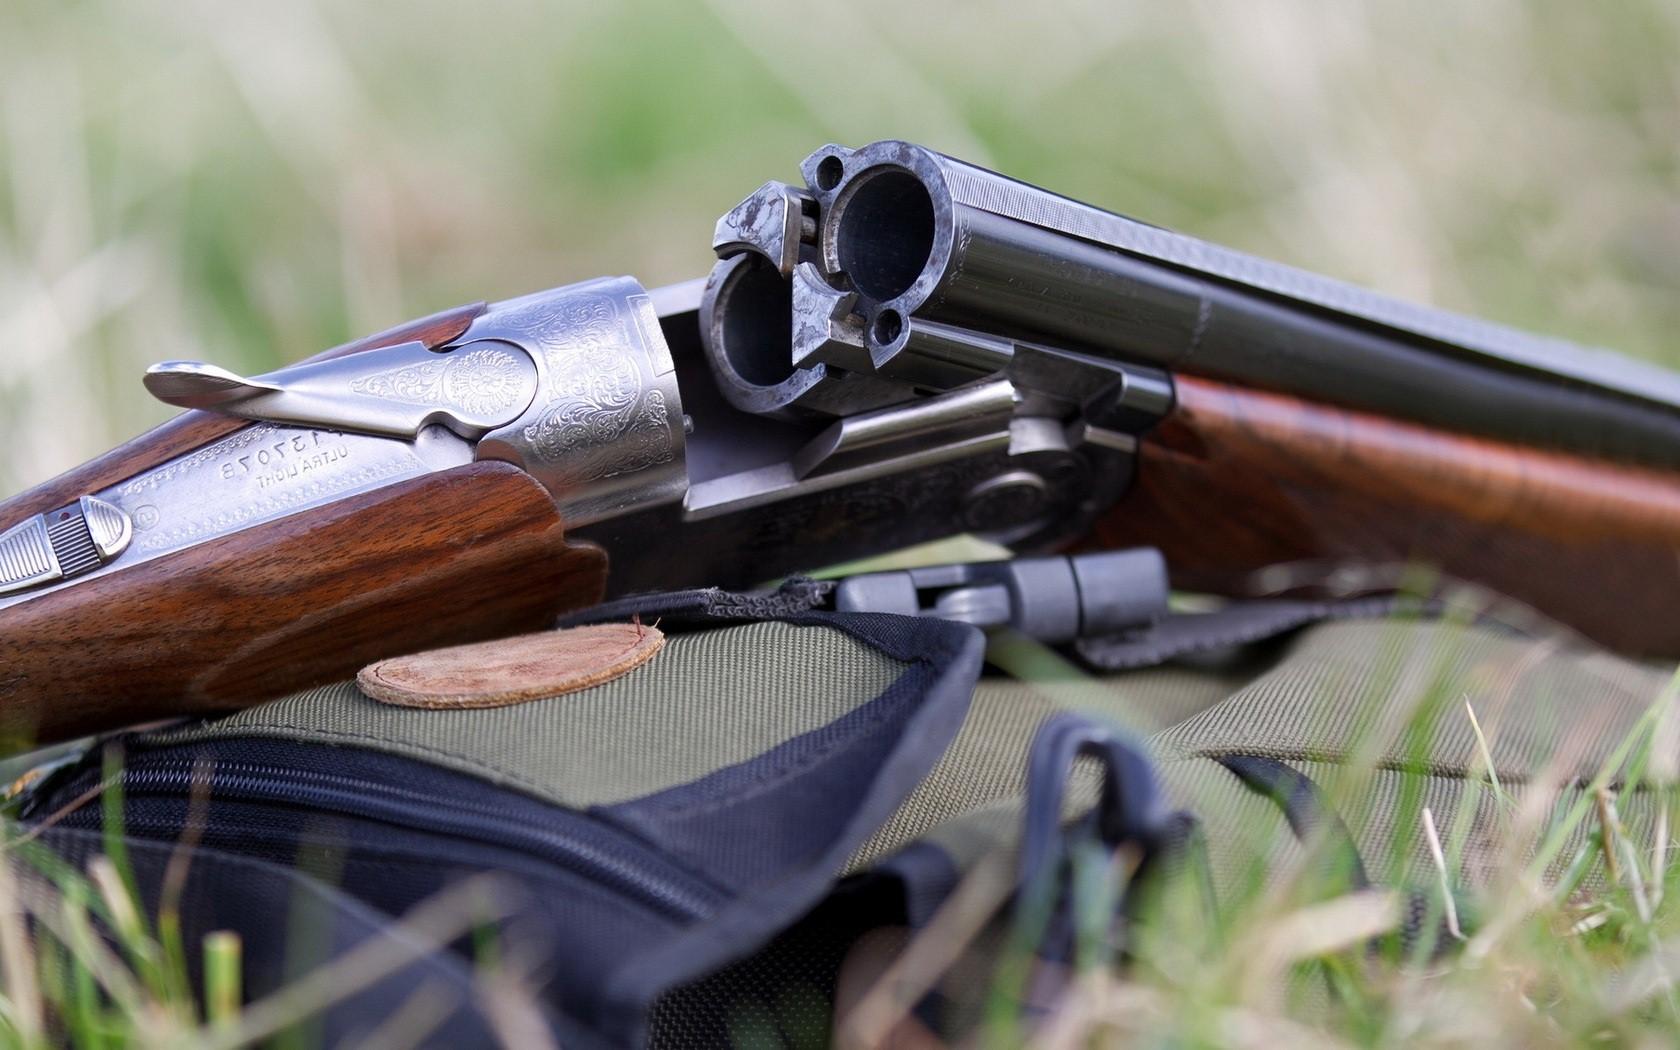 Shot_Gun_Weapon_Closeup_HD_Desktop_Wallpaper_Background.jpg